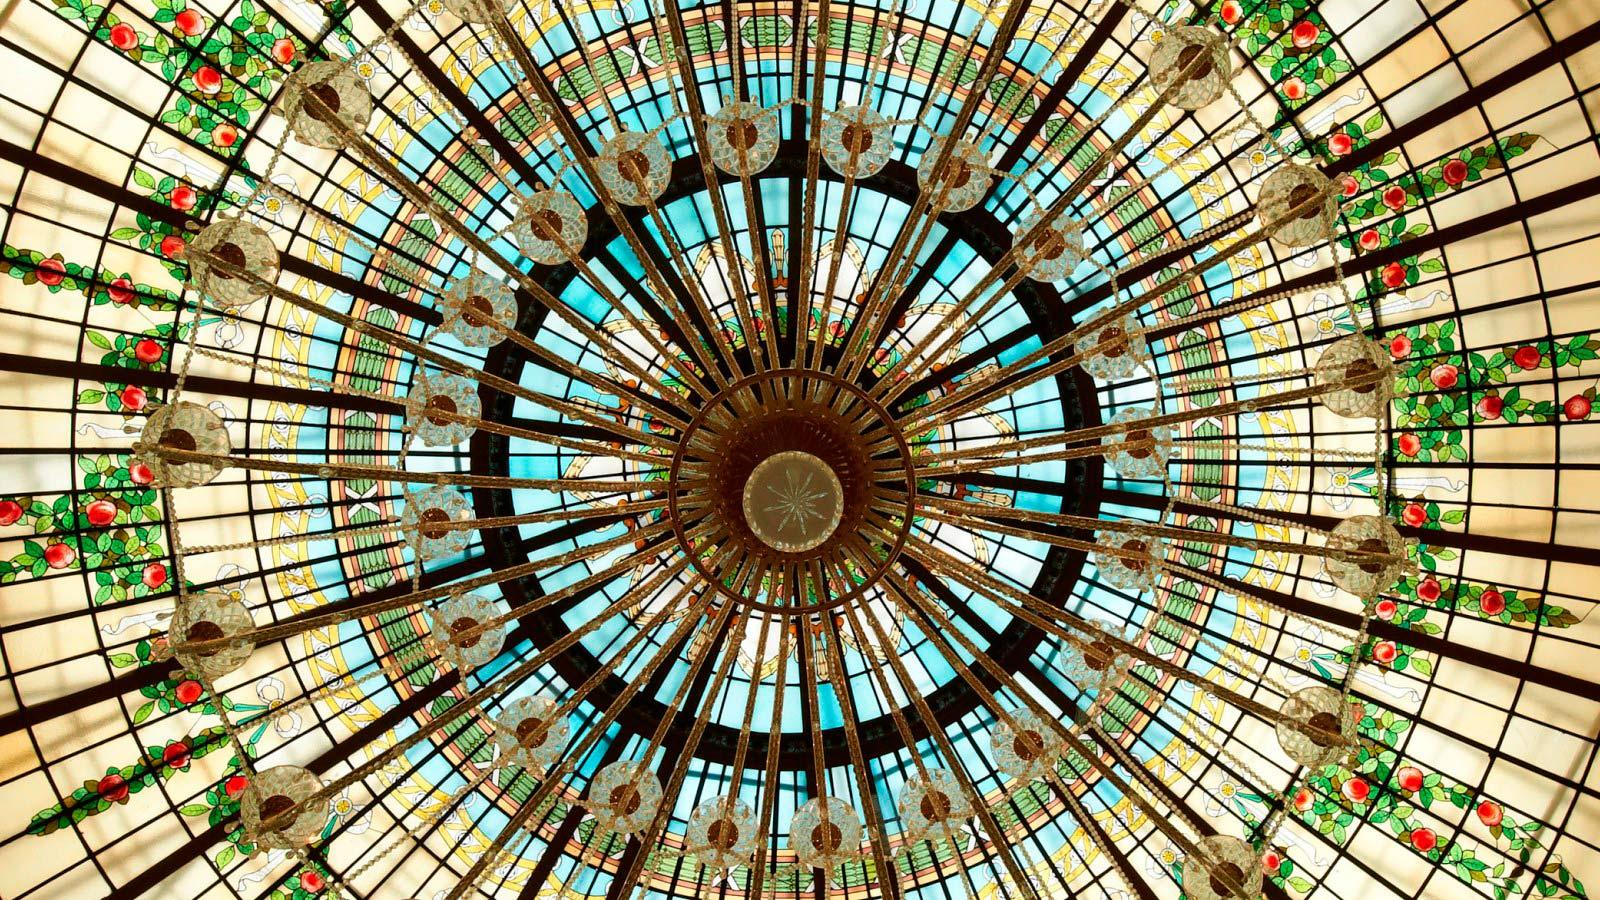 Freelotto ganadores existen casino en Madrid 967158